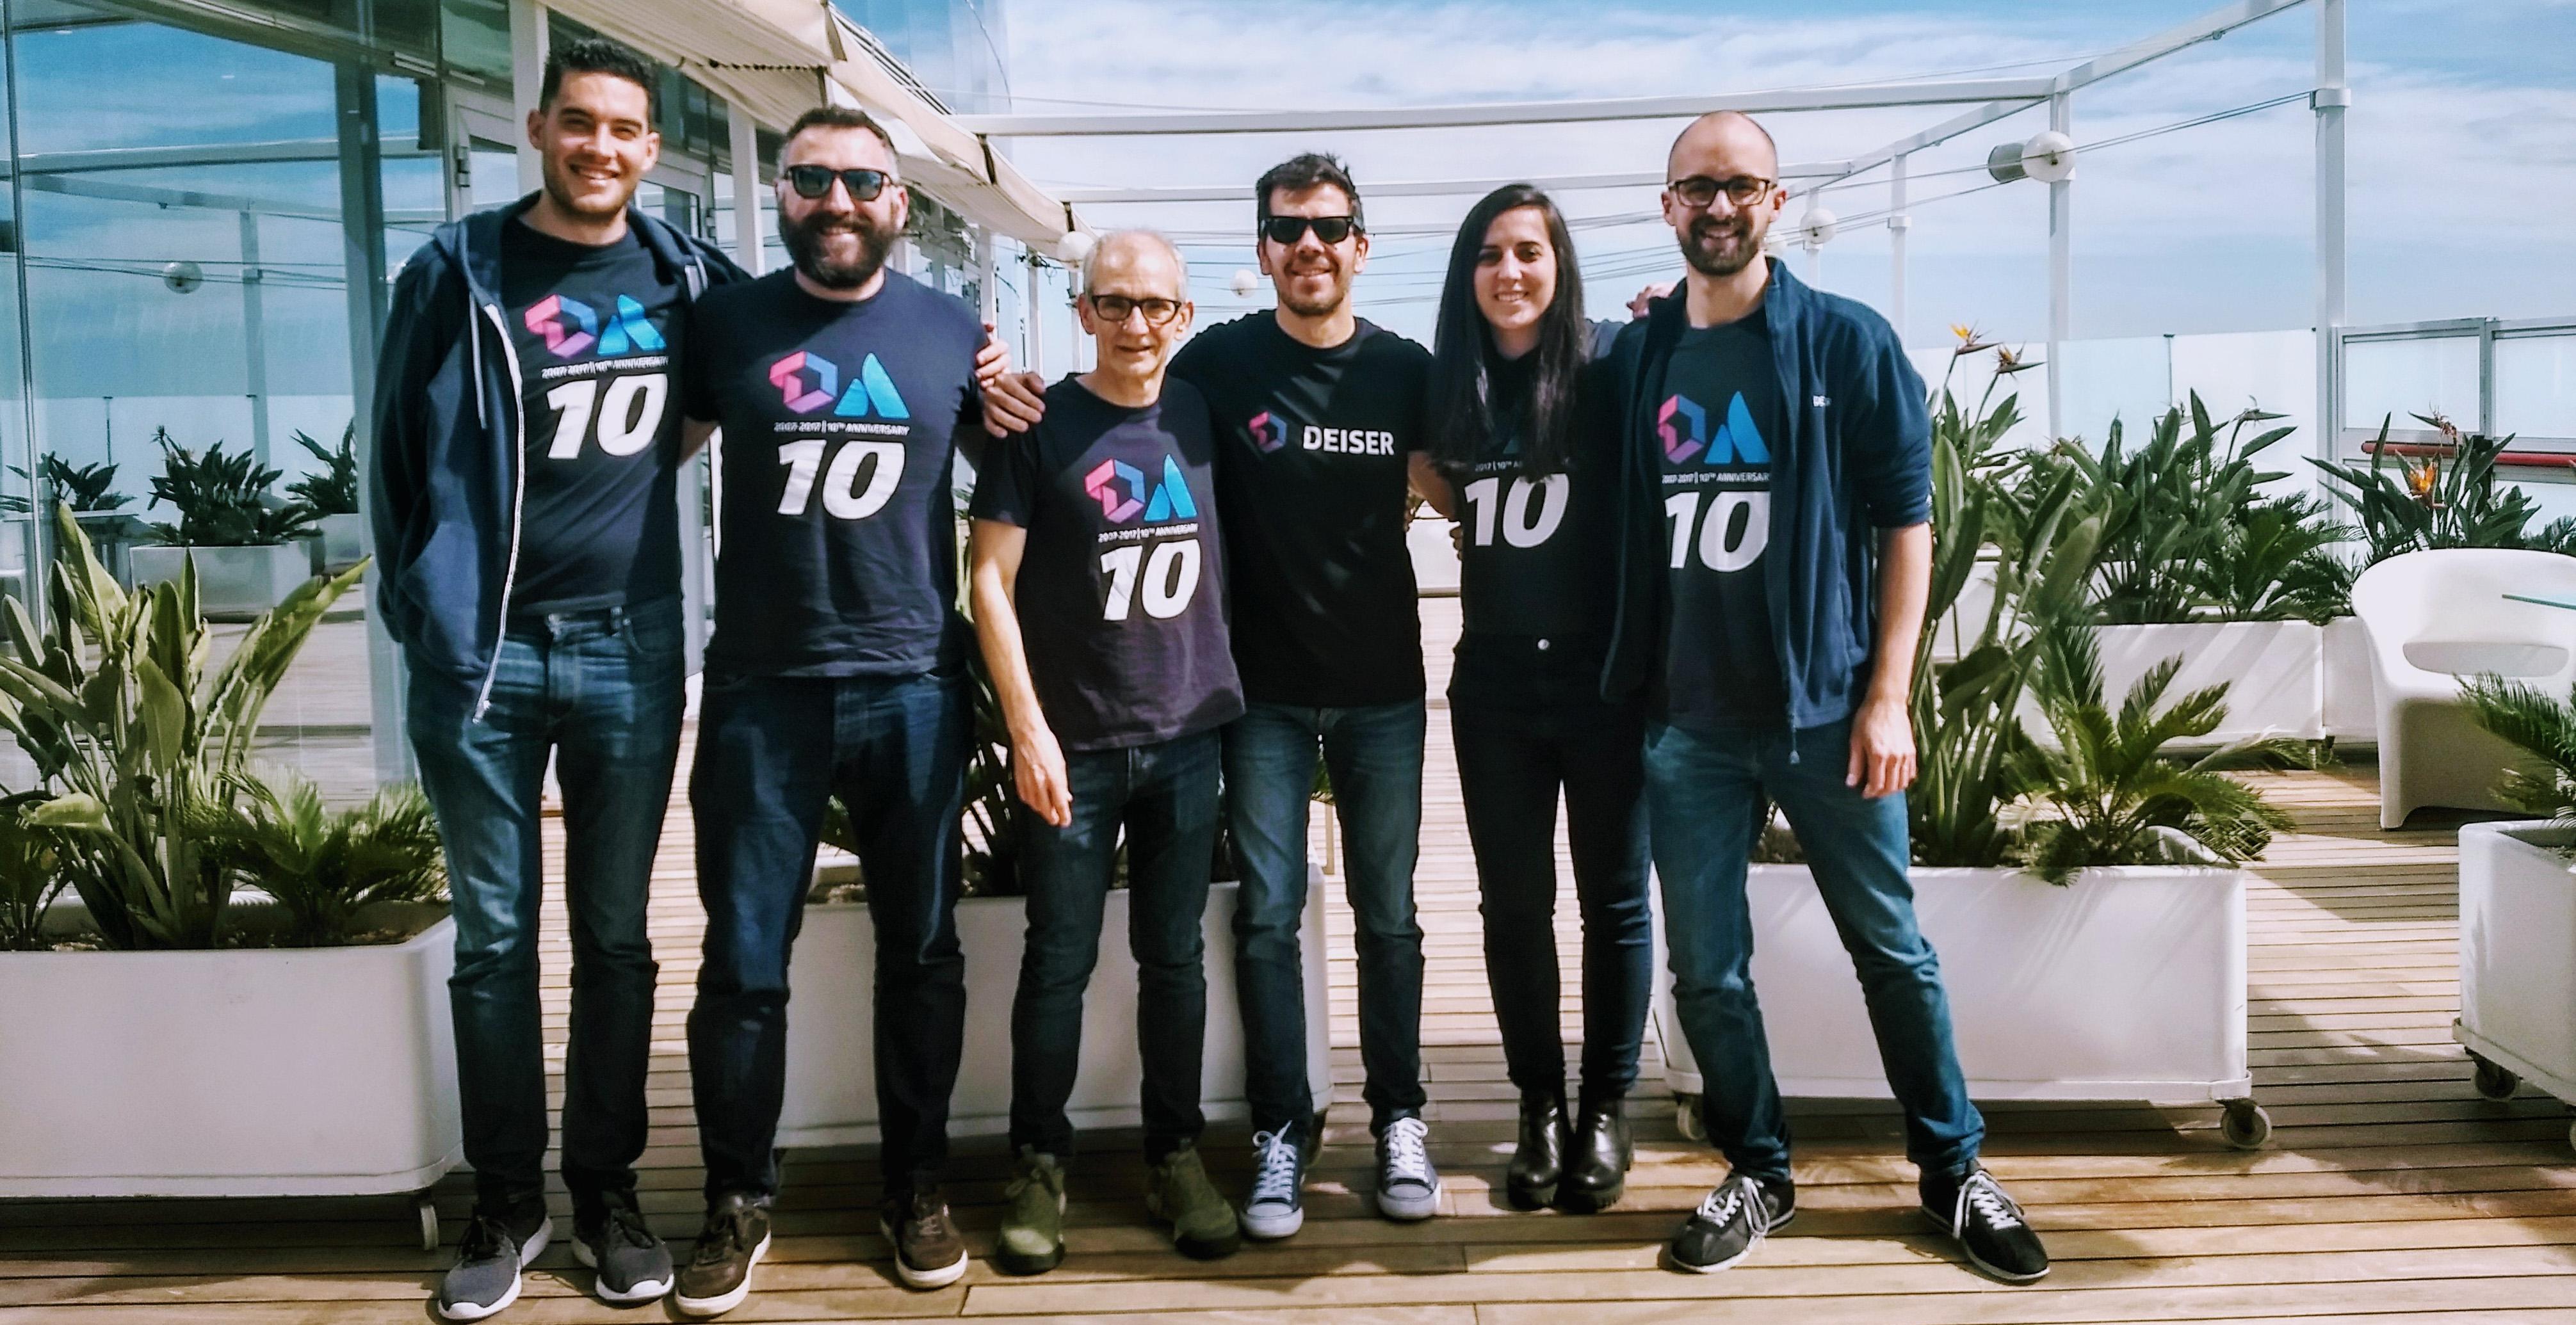 DEISER-Team_Atlassian-Certified-Professionals_DEISER-tour_Barcelona_ITSM